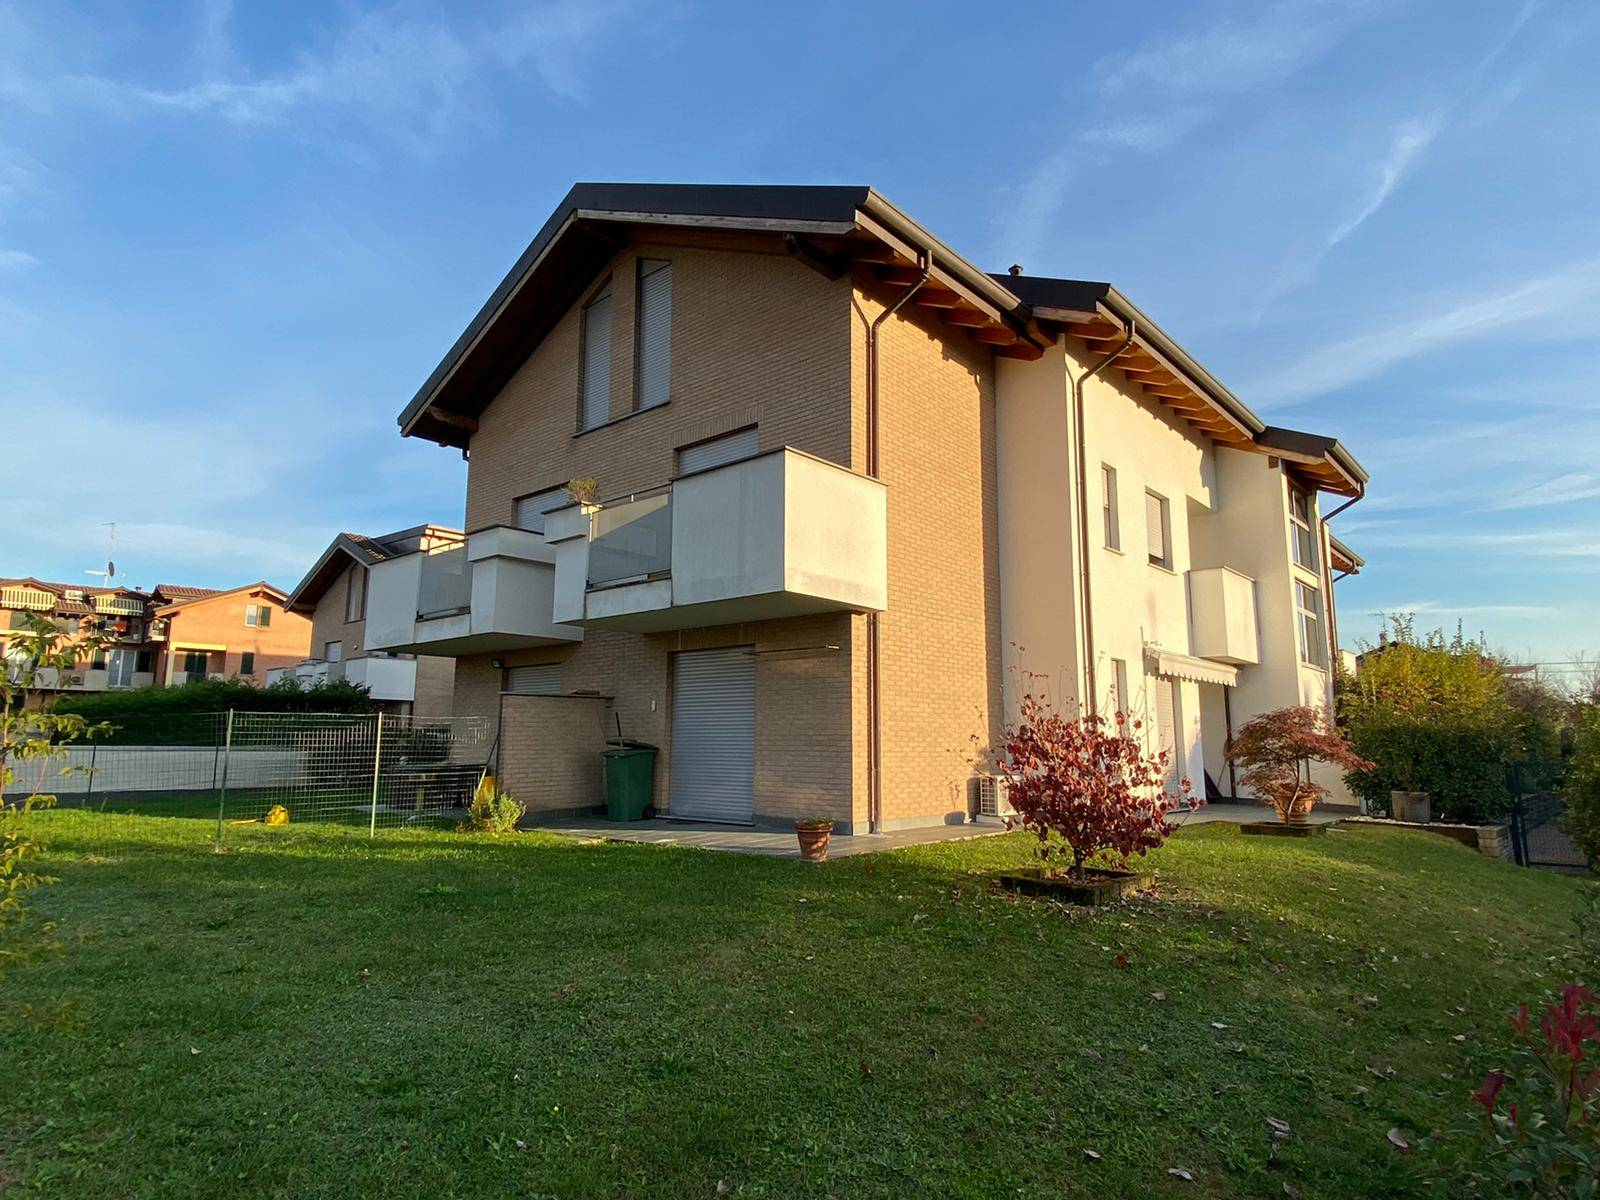 Appartamento in vendita a Misinto, 2 locali, prezzo € 119.000   CambioCasa.it